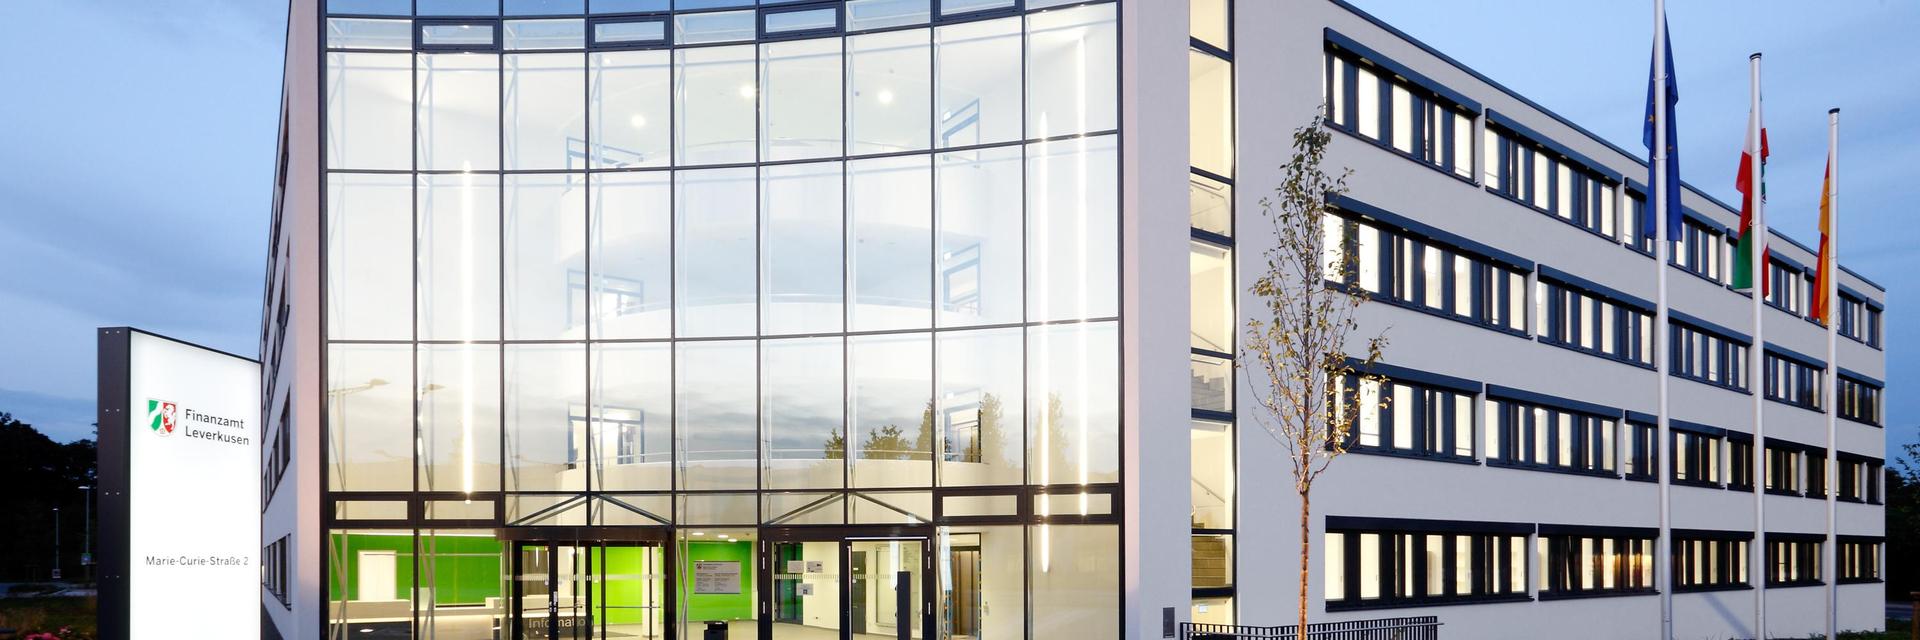 Finanzamt Leverkusen - Außenansicht